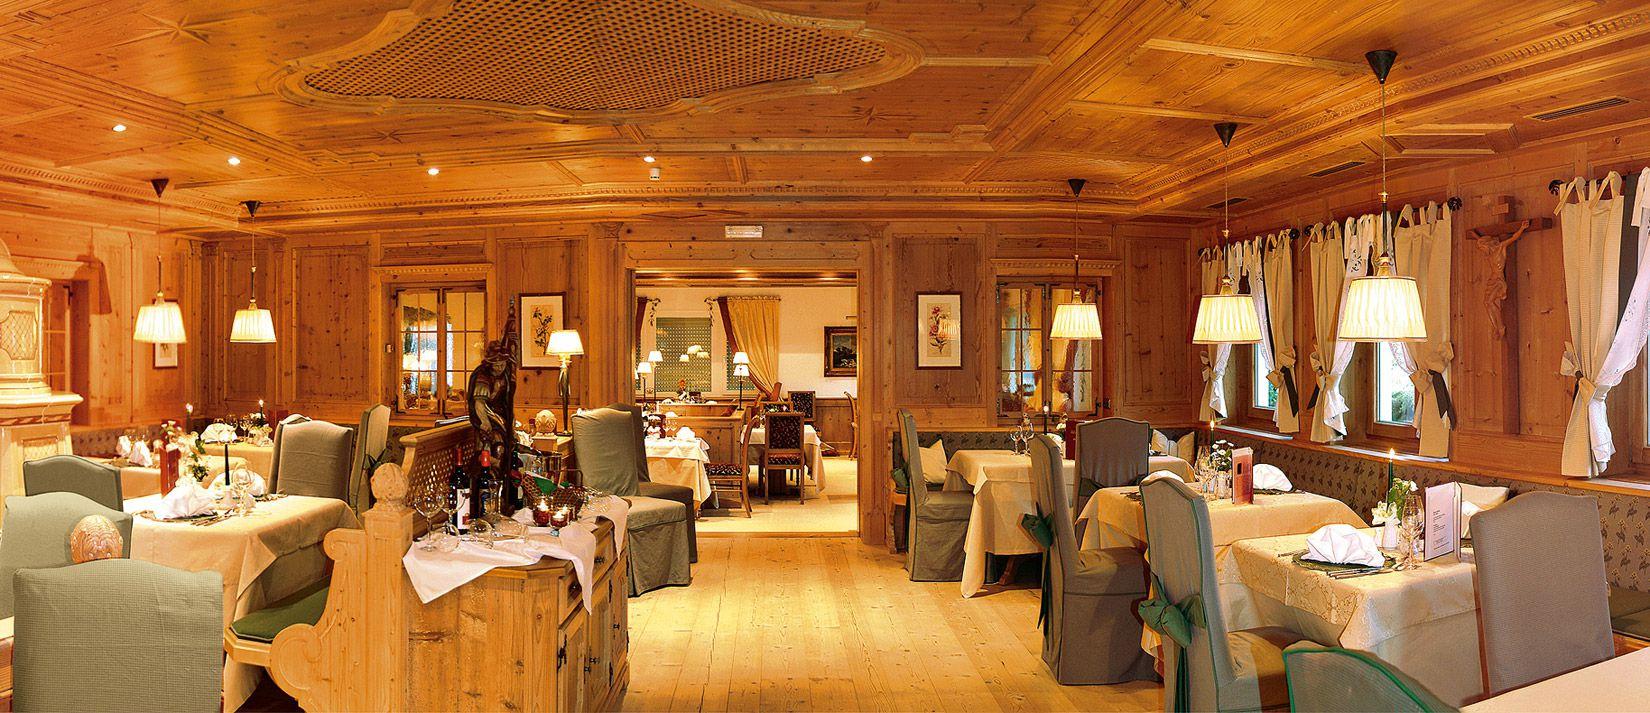 Hotel Schenna 4 Sterne 4 Wellnesshotel F 252 Rstenhof In